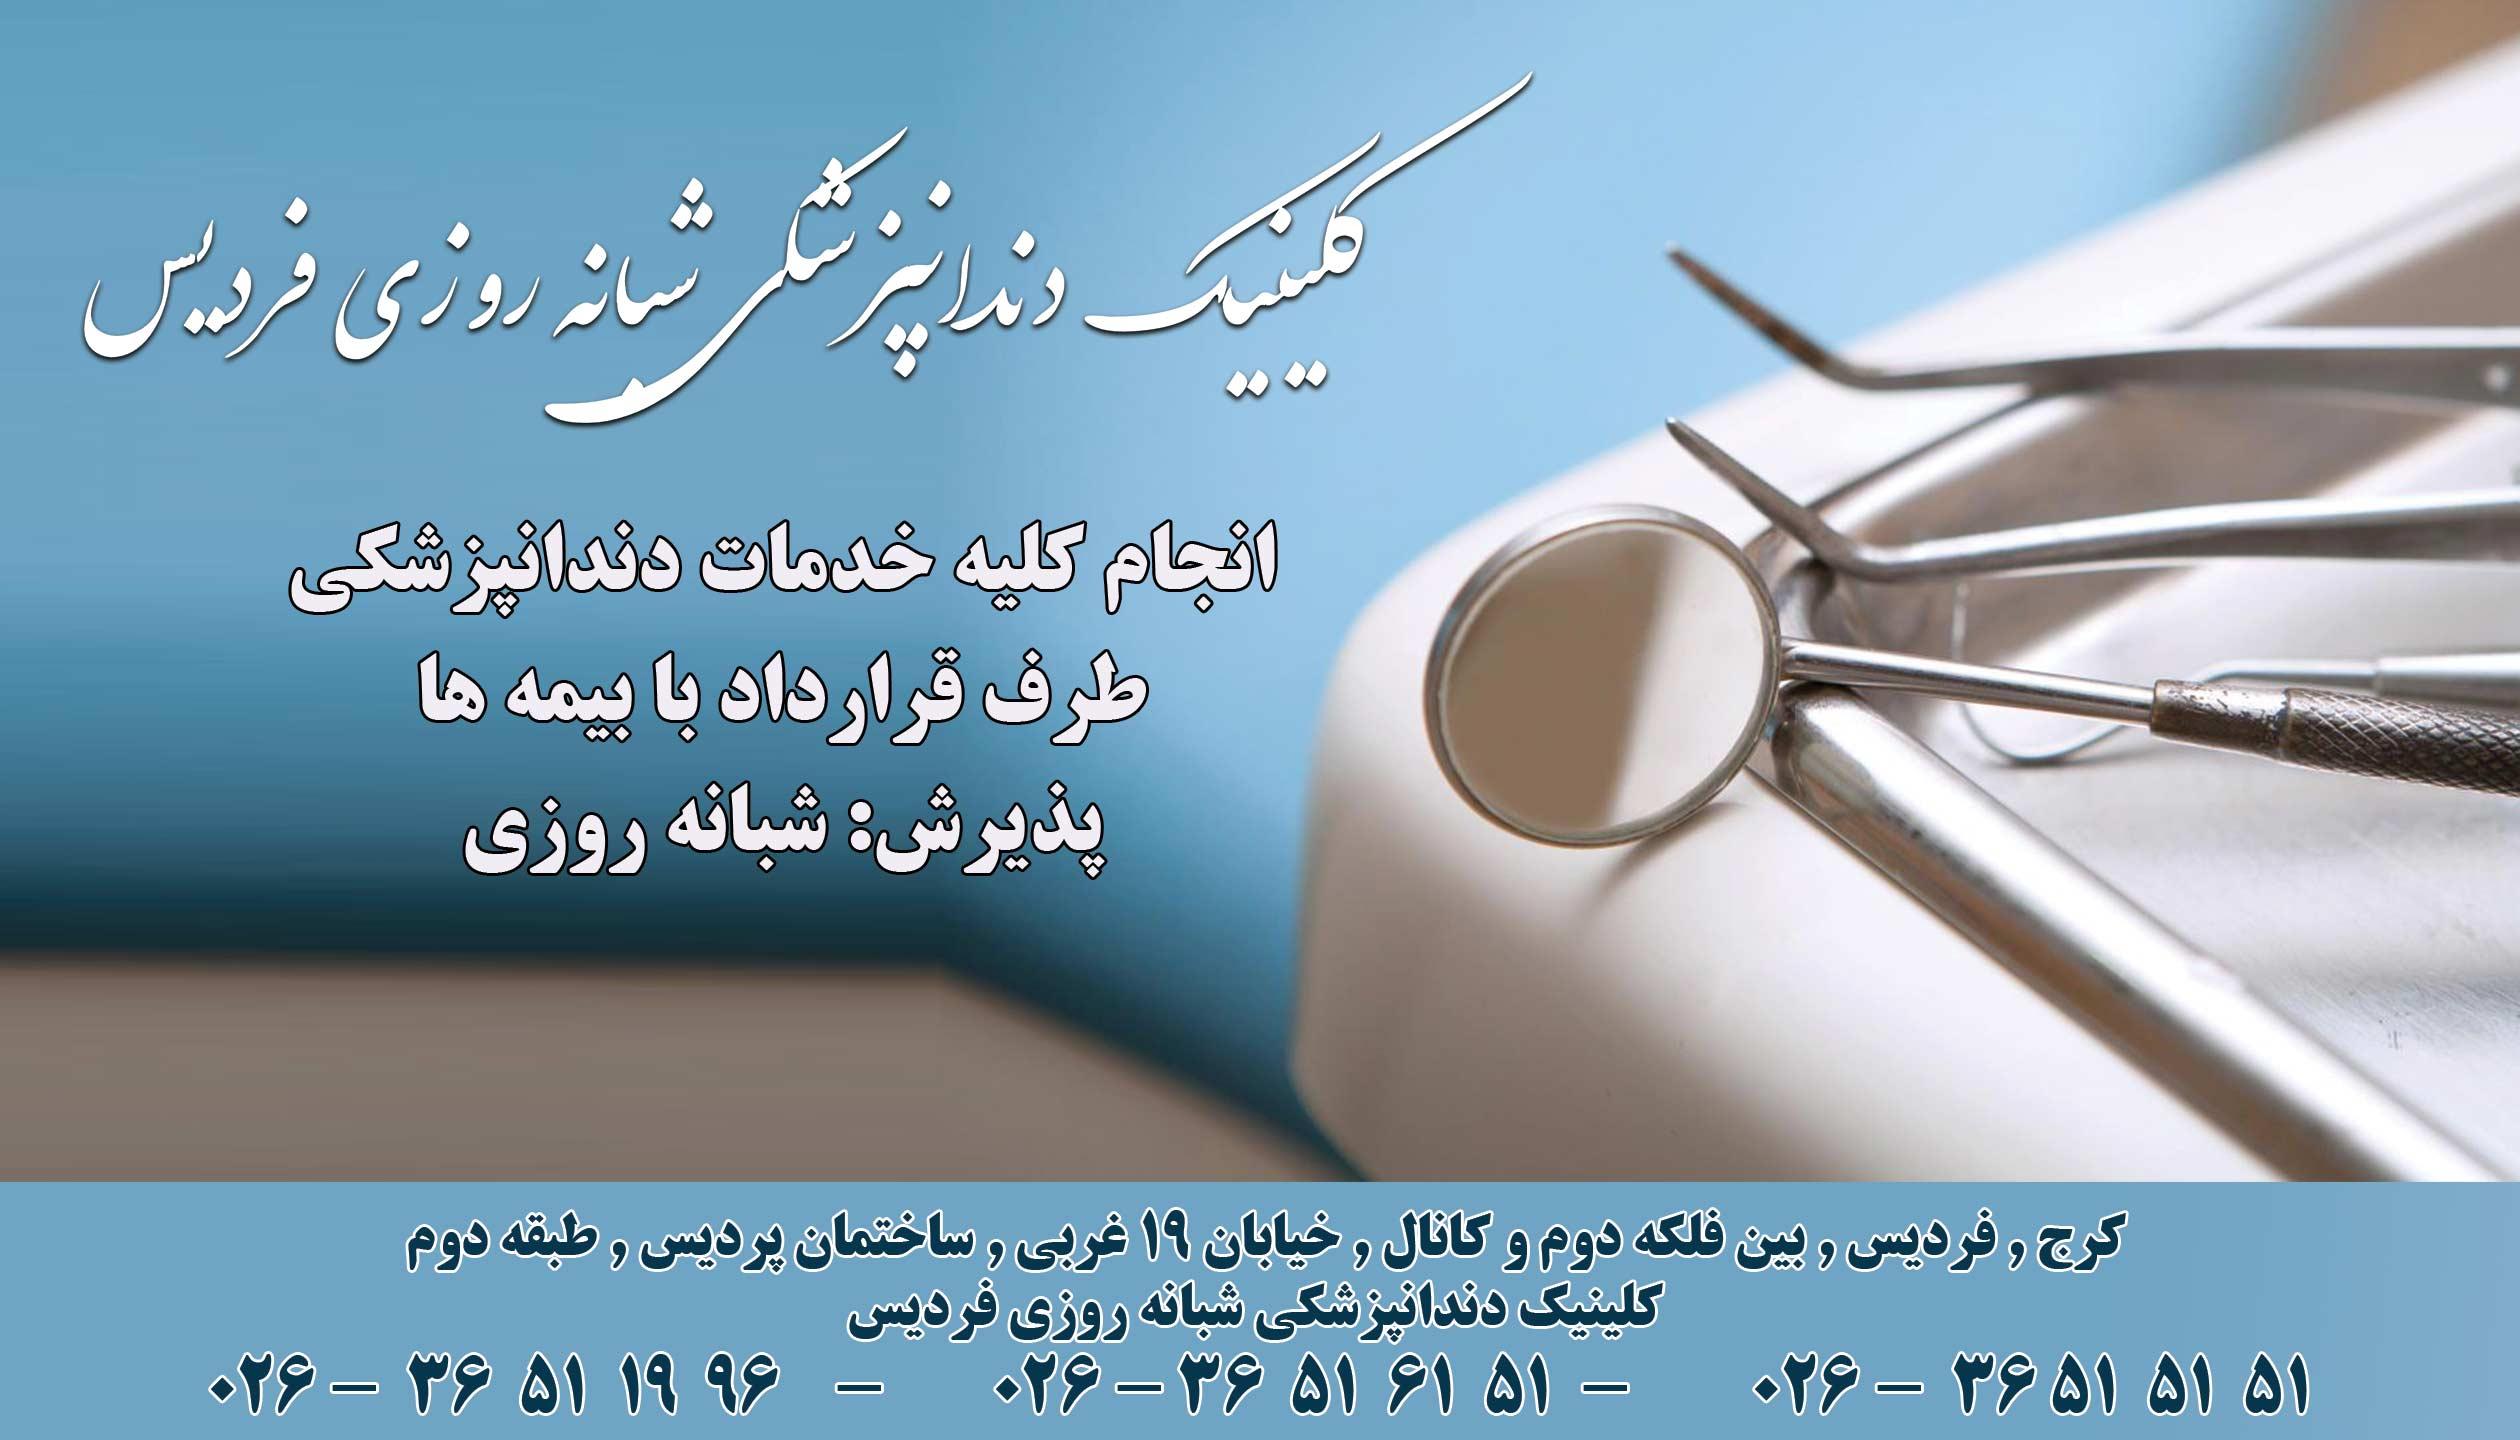 کلینیک دندانپزشکی شبانه روزی فردیس کرج